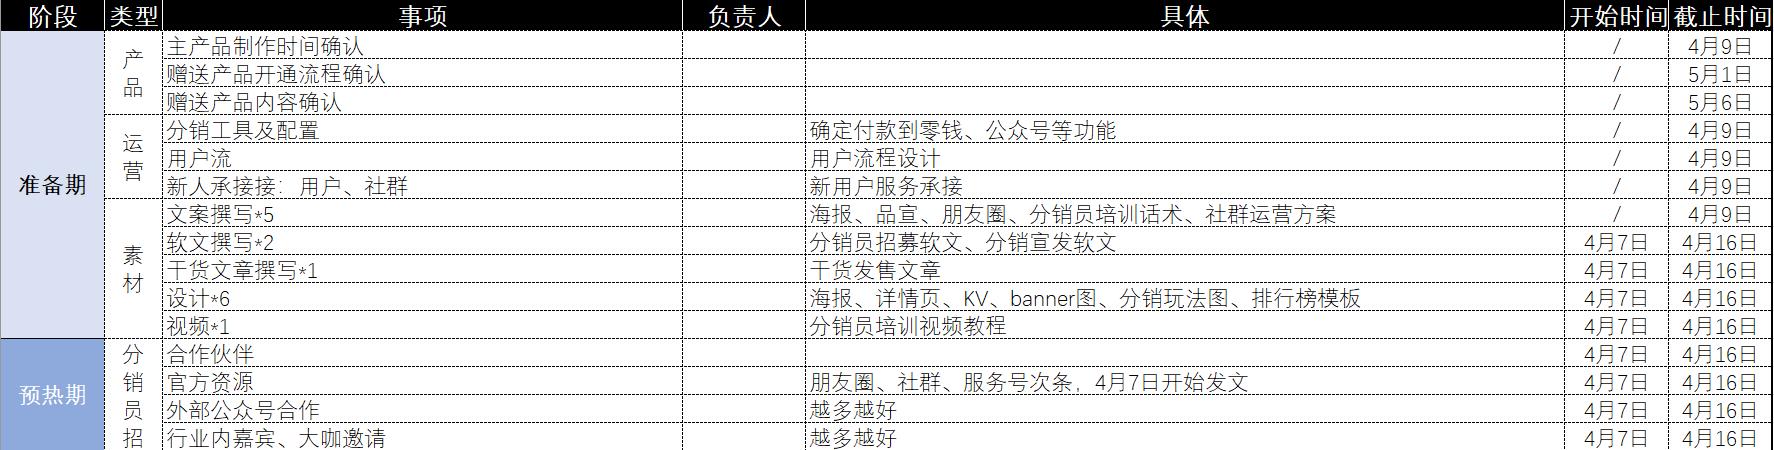 鸟哥笔记,用户运营,梁山伯伯,流量,运营体系,脱坑指南,裂变,裂变,用户研究